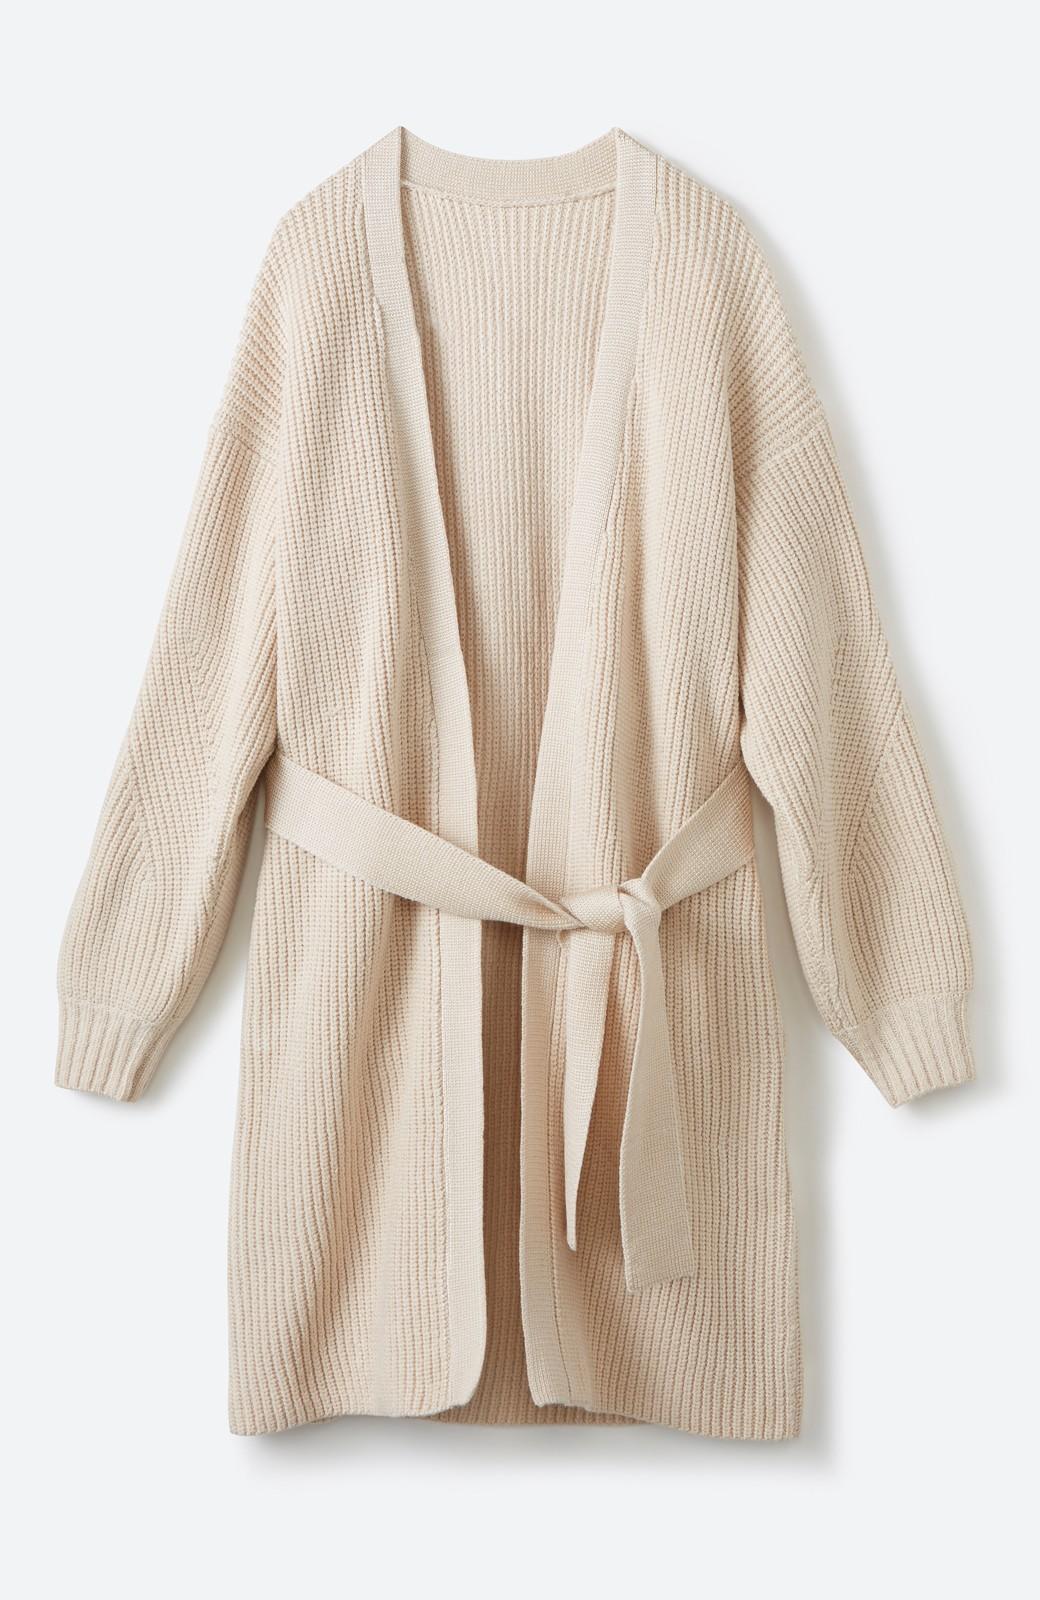 haco! さっと羽織るのにちょうどいい ぷっくり袖のあぜ編みニットガウン <アイボリー>の商品写真1